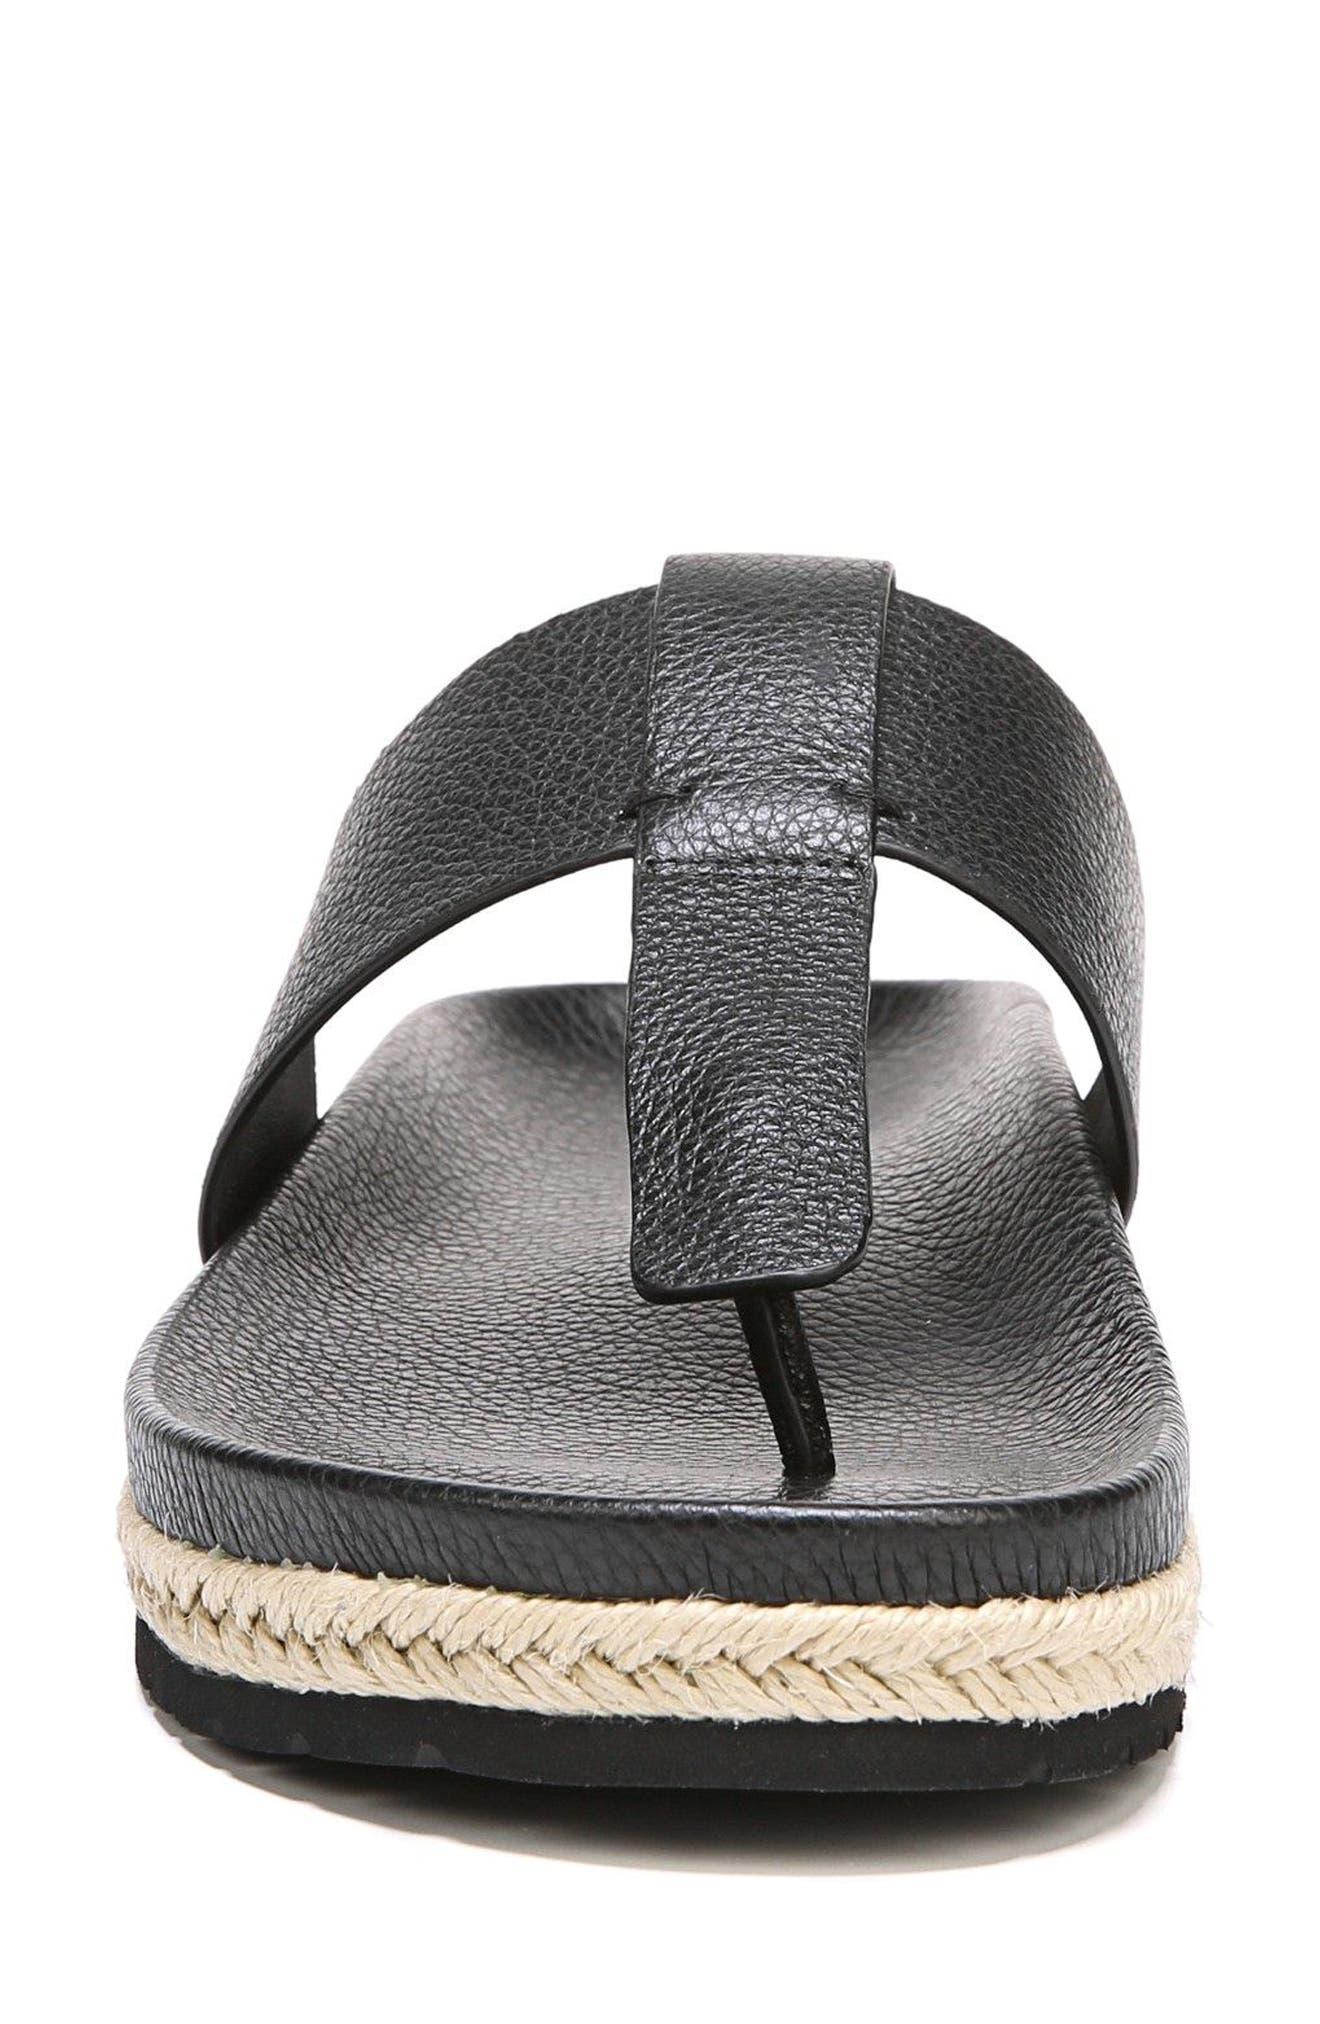 Avani T-Strap Flat Sandal,                             Alternate thumbnail 4, color,                             001